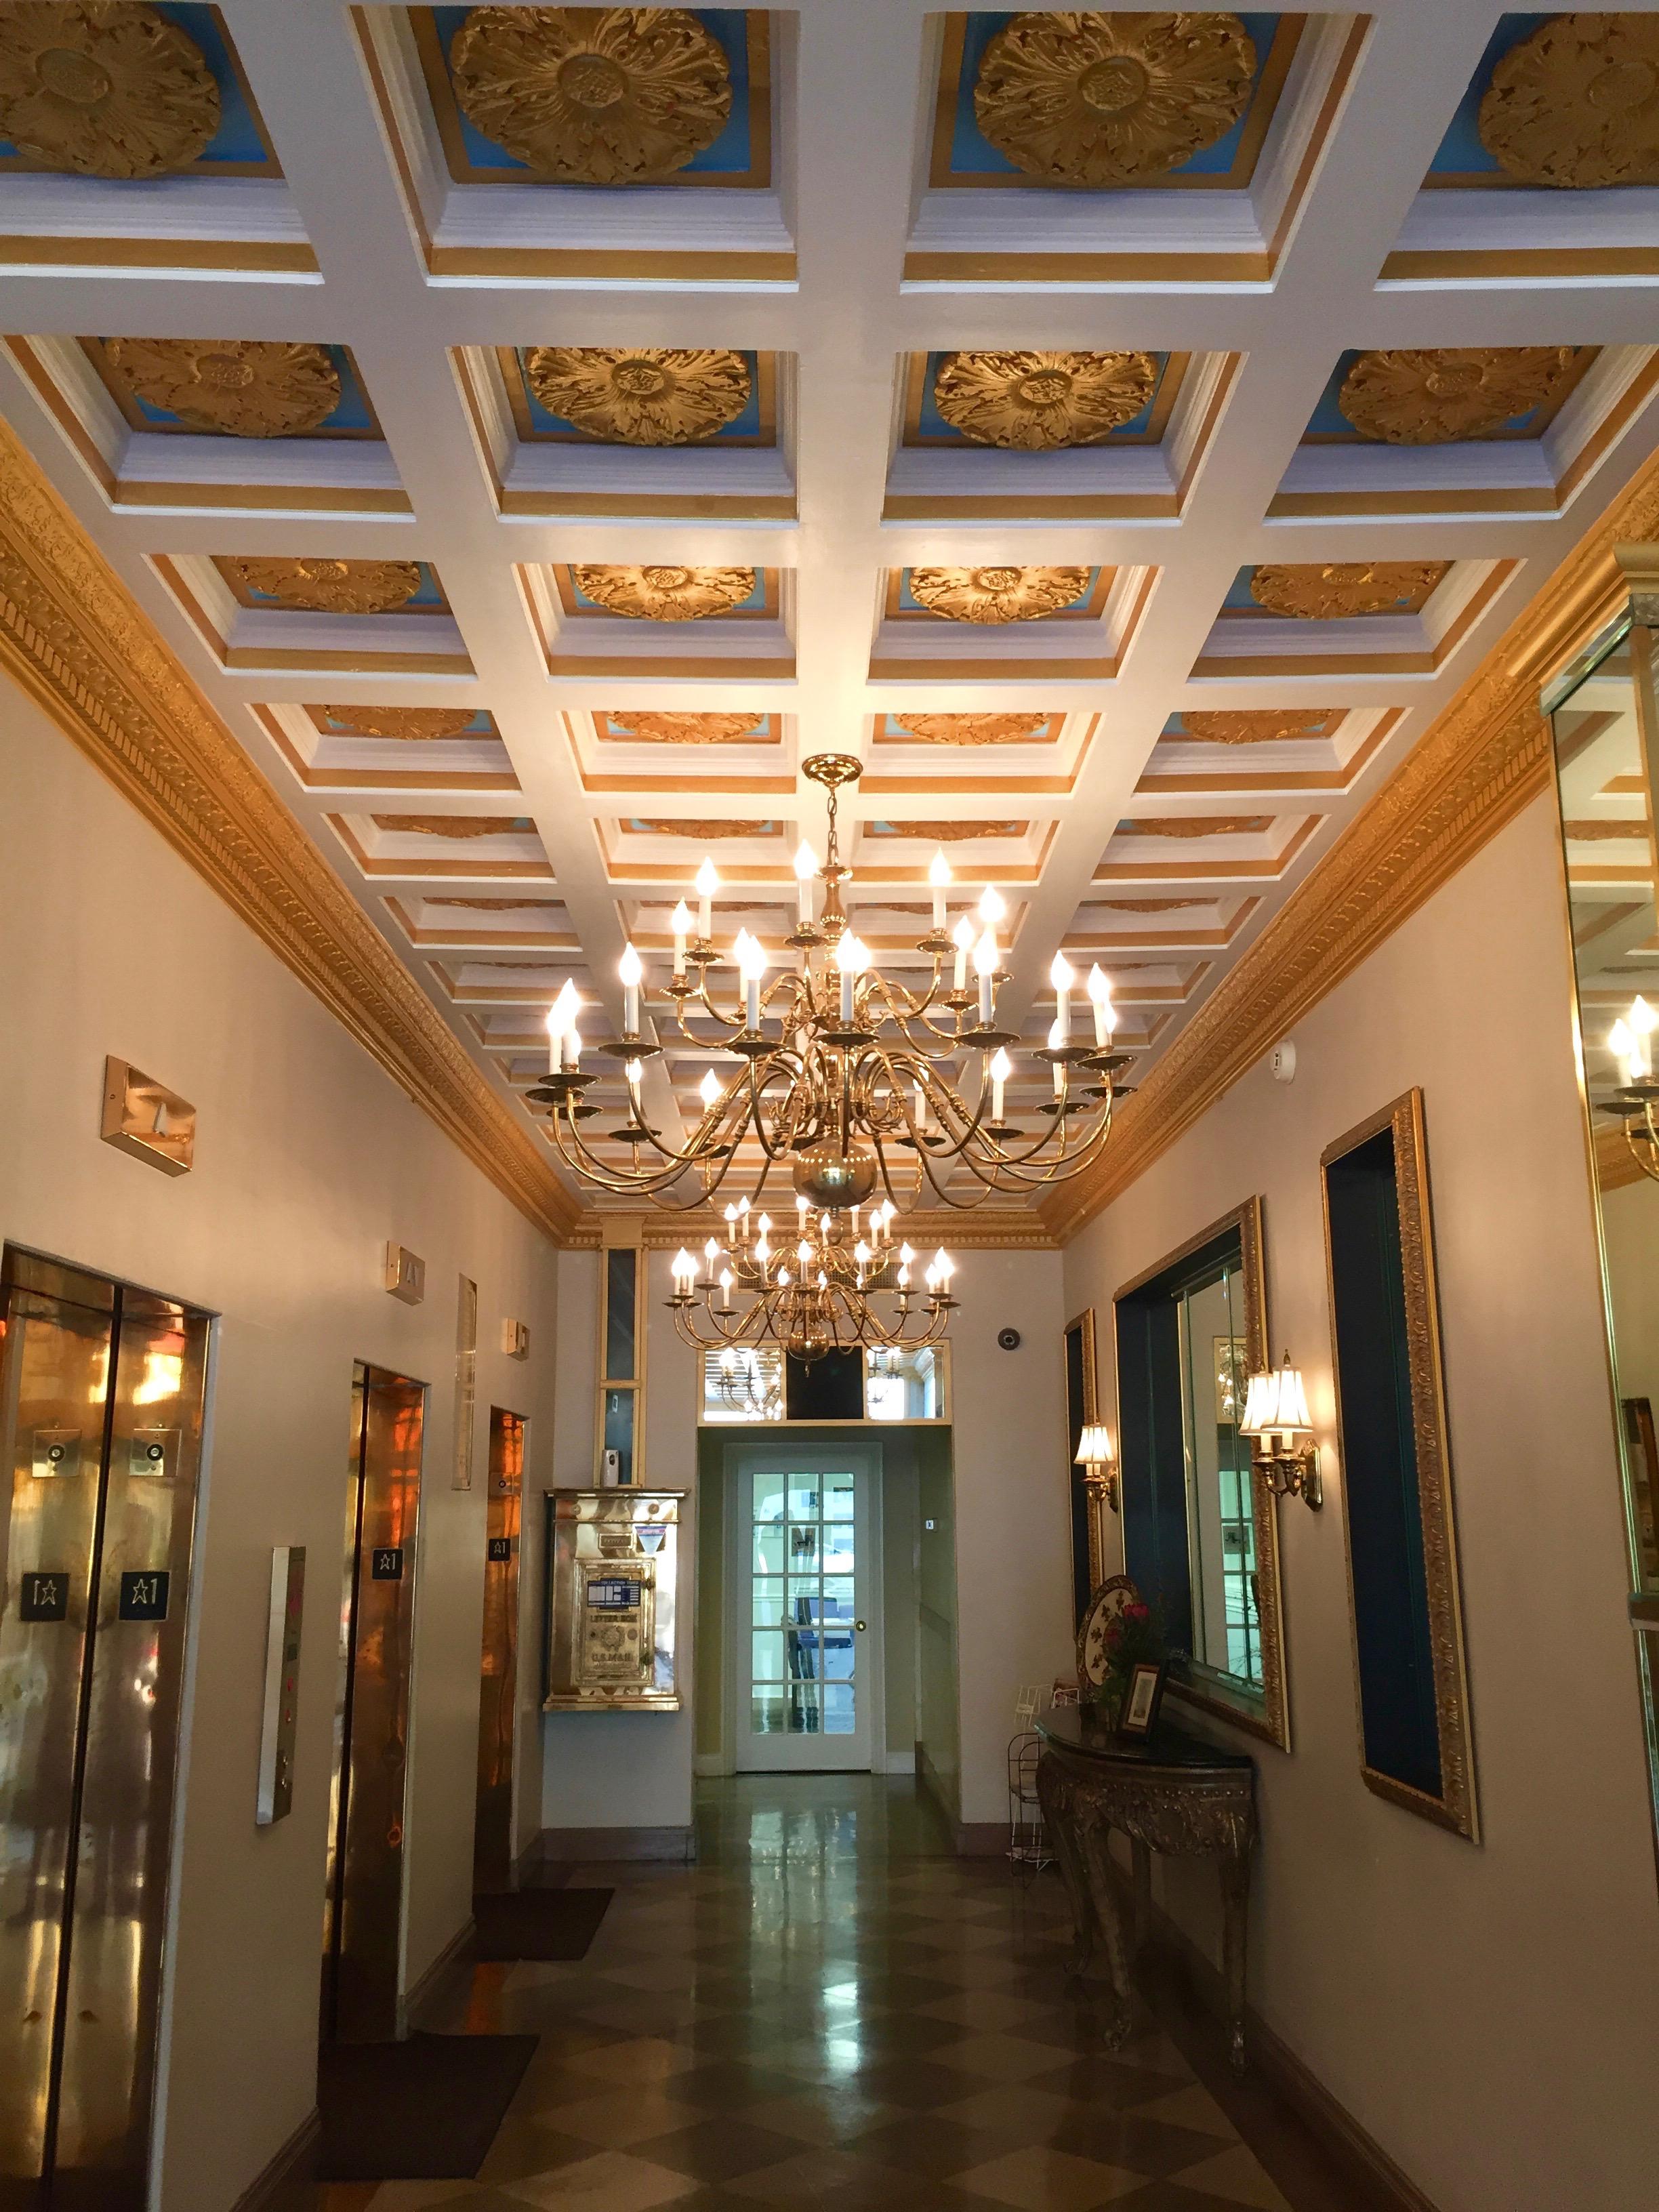 San Jacinto Building - 595 Orleans